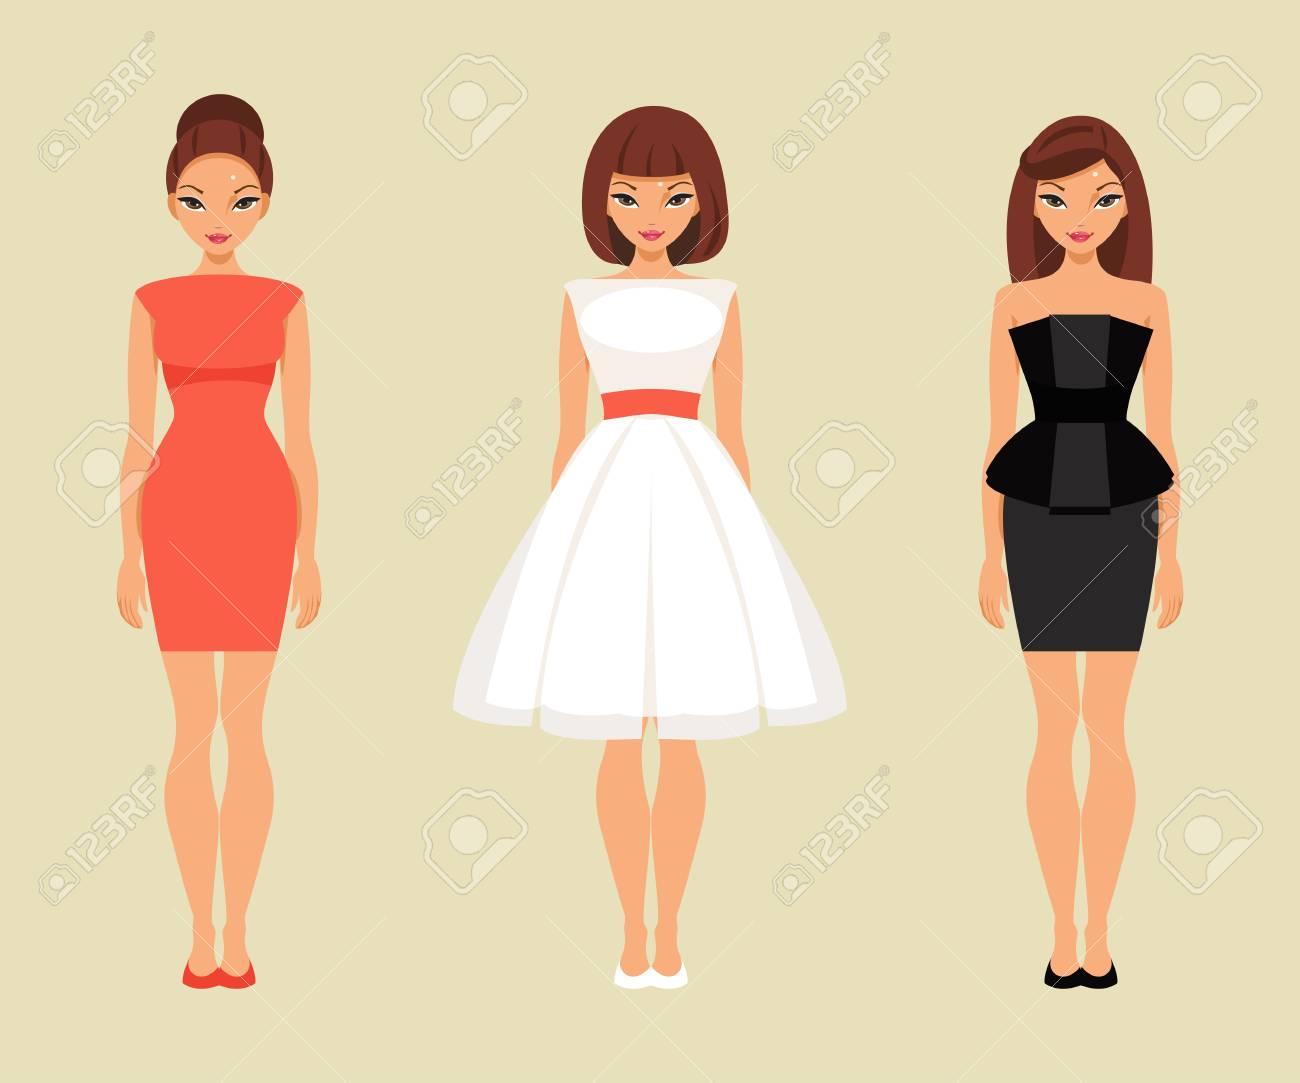 Drei Modische Mädchen In Rot, Weiß Und Schwarz Kleider Lizenzfrei ...